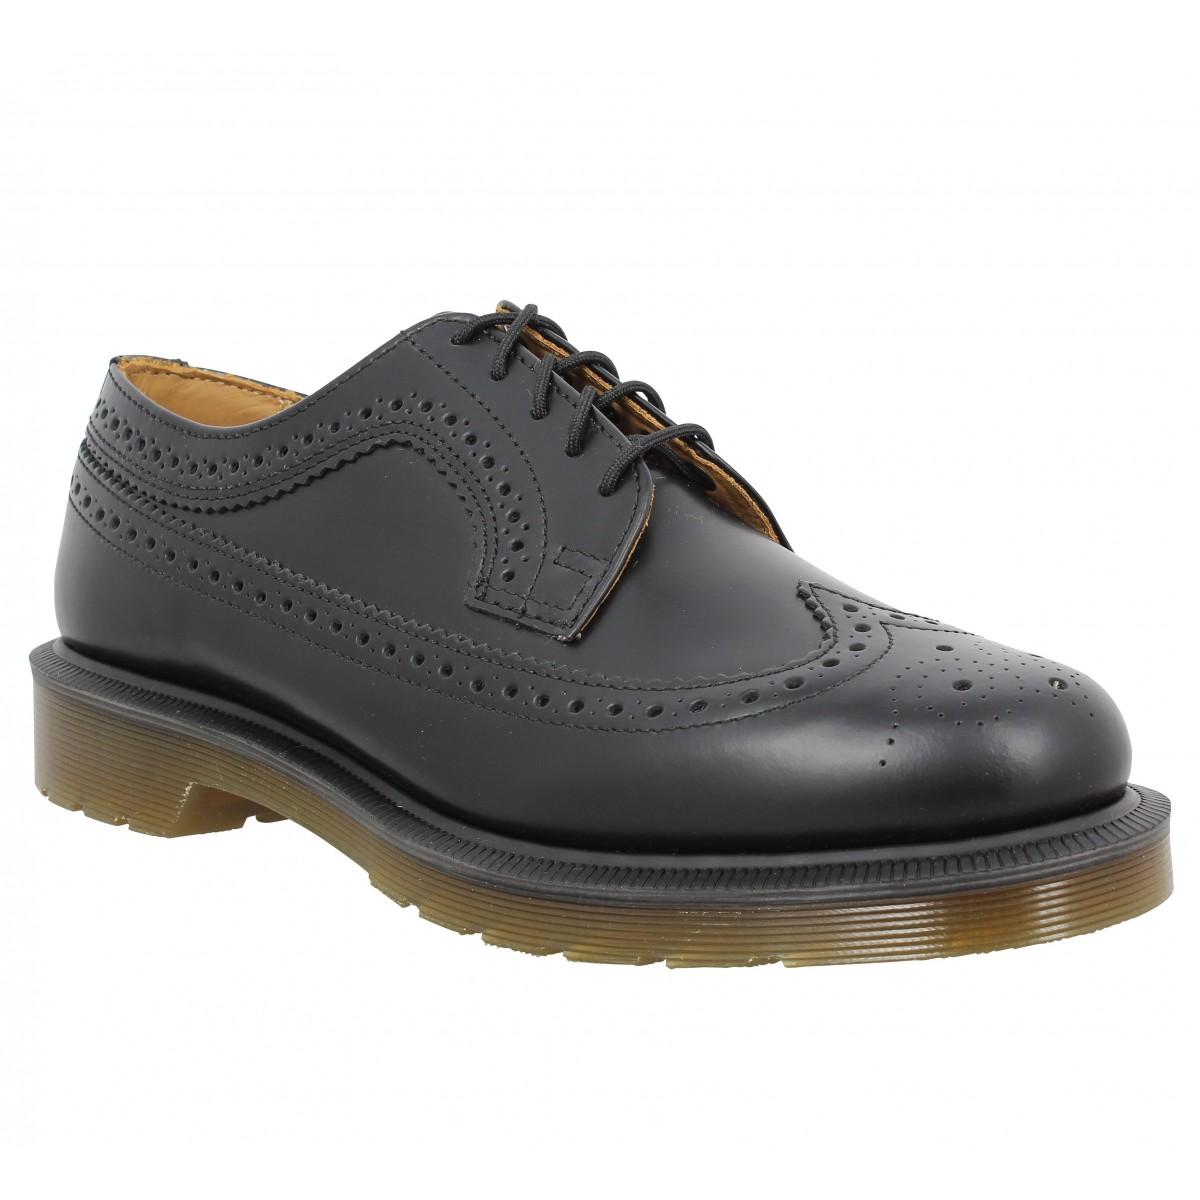 Chaussures à lacets Dr MARTENS 3989 smooth Noir